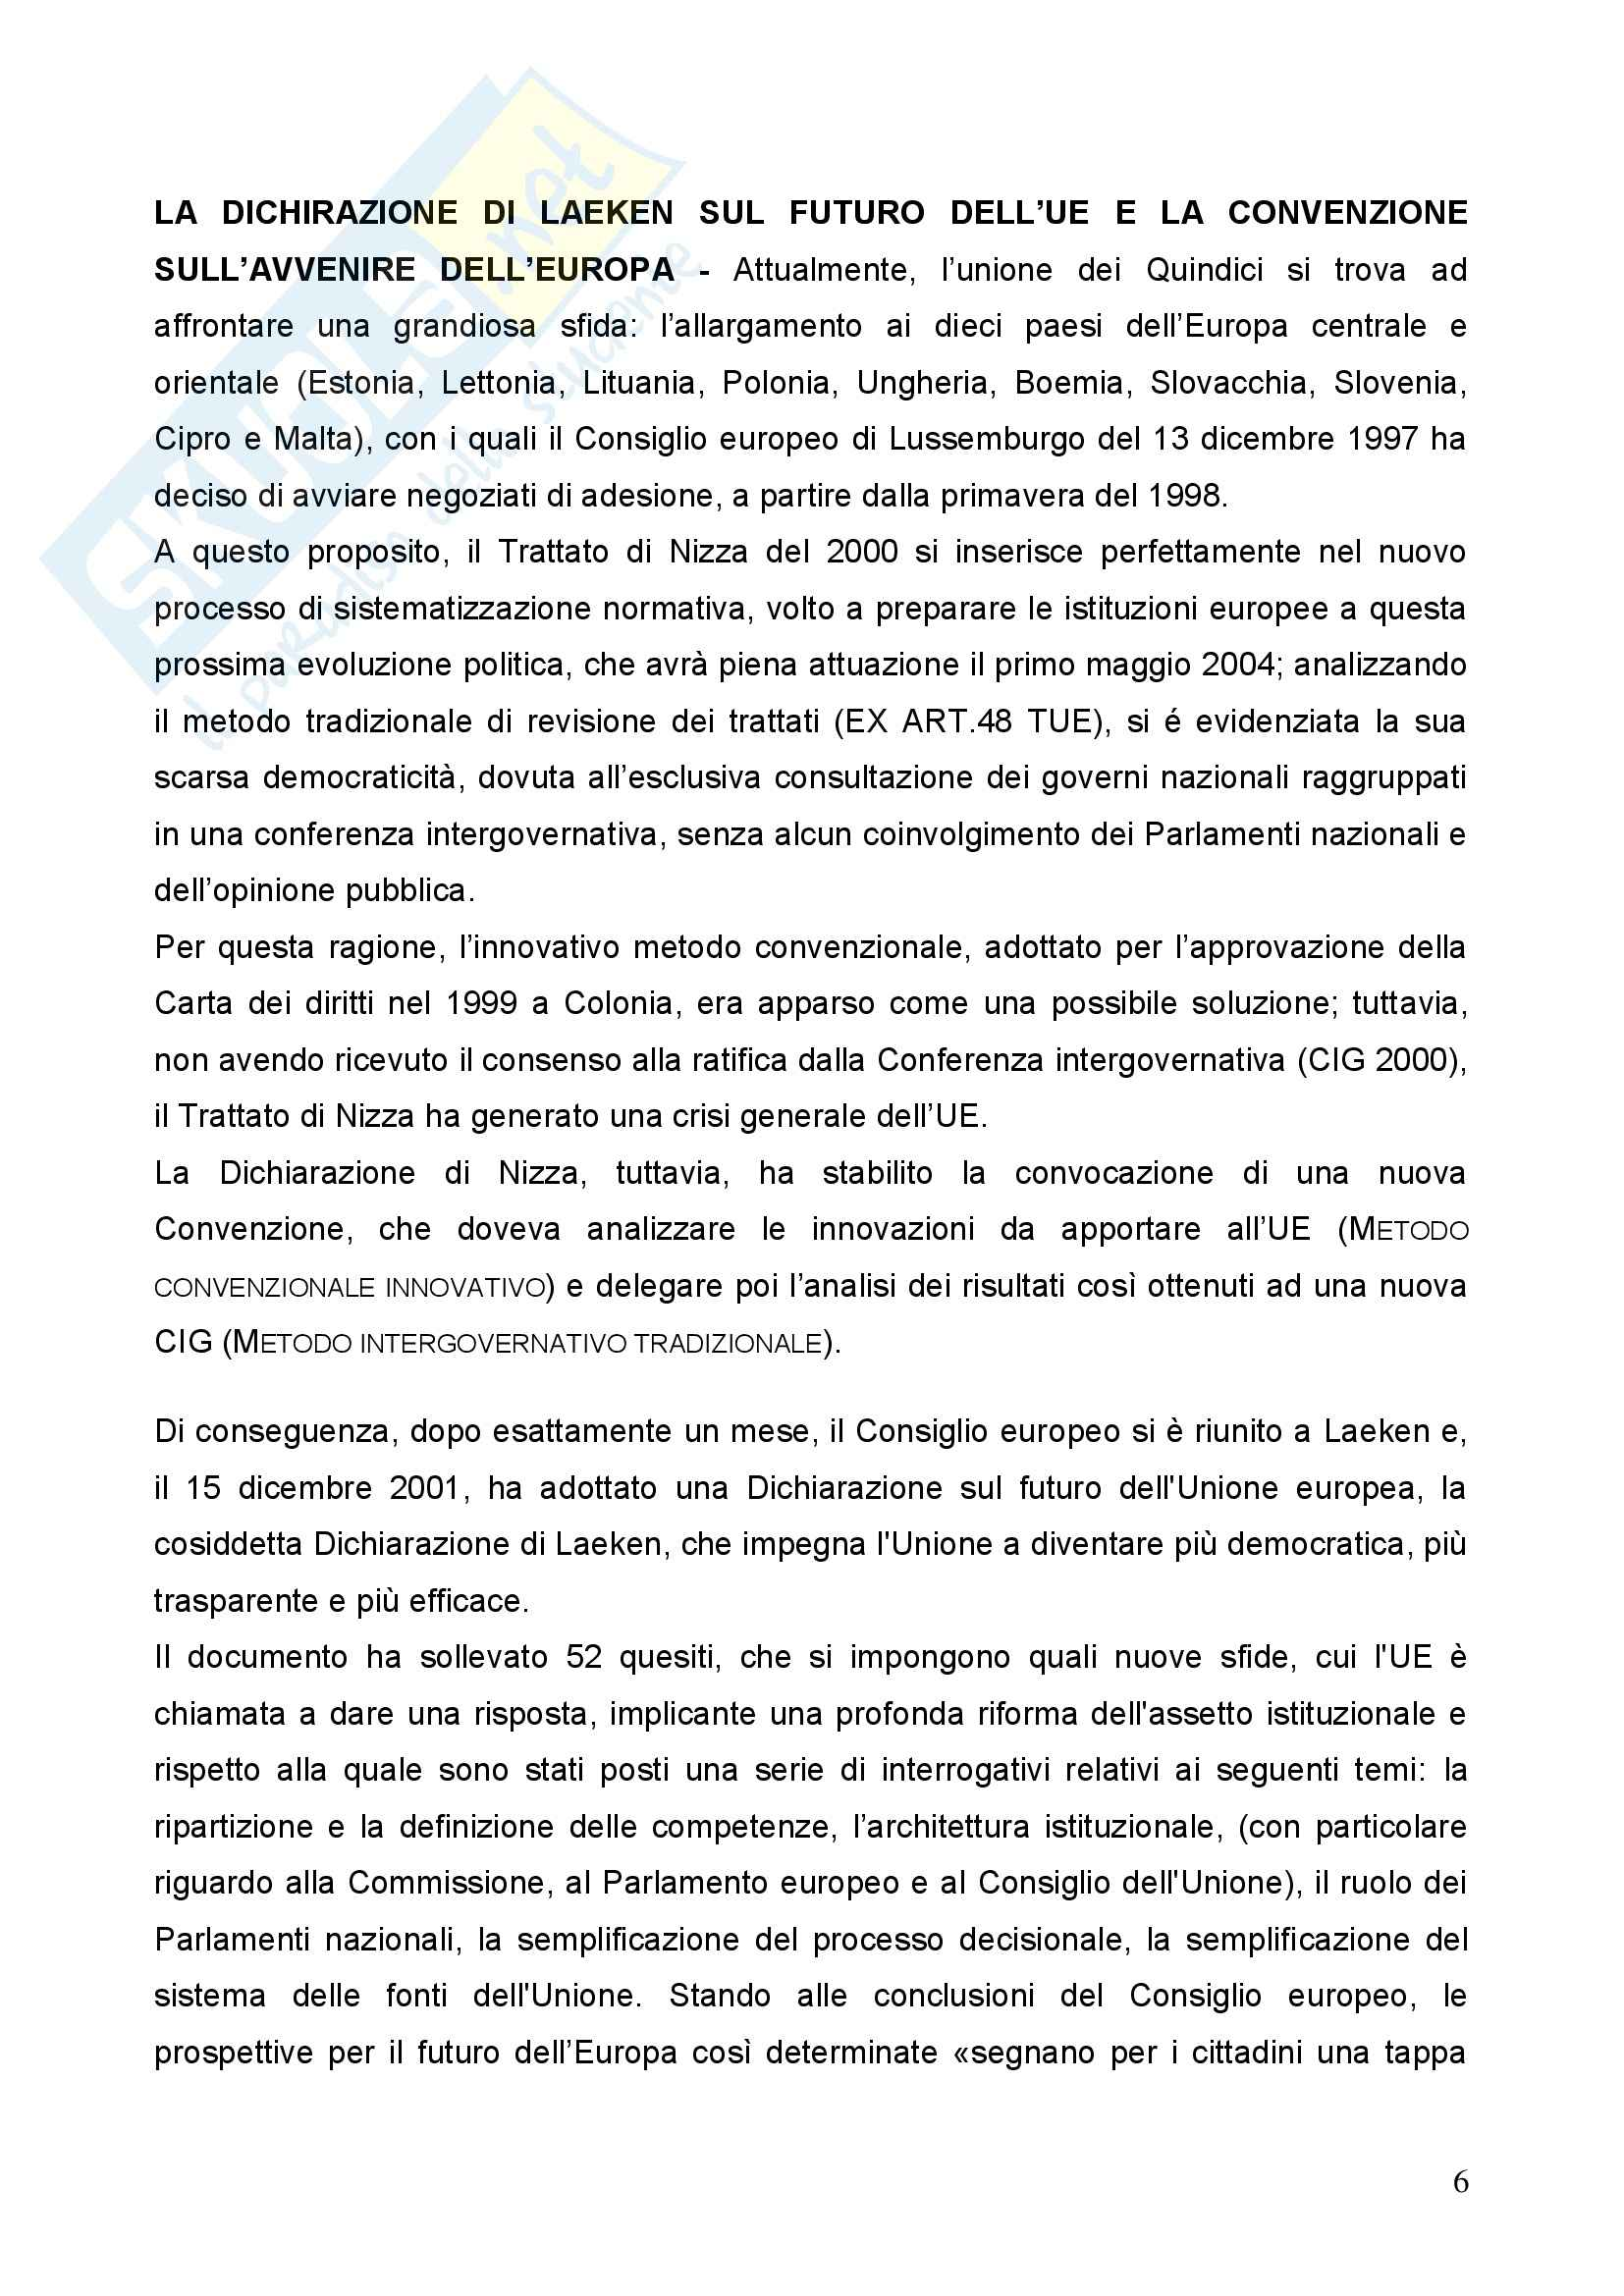 Diritto dell'Unione Europea - la Dichiarazione di Laeken e aspetti principali dell'Unione Europea Pag. 6